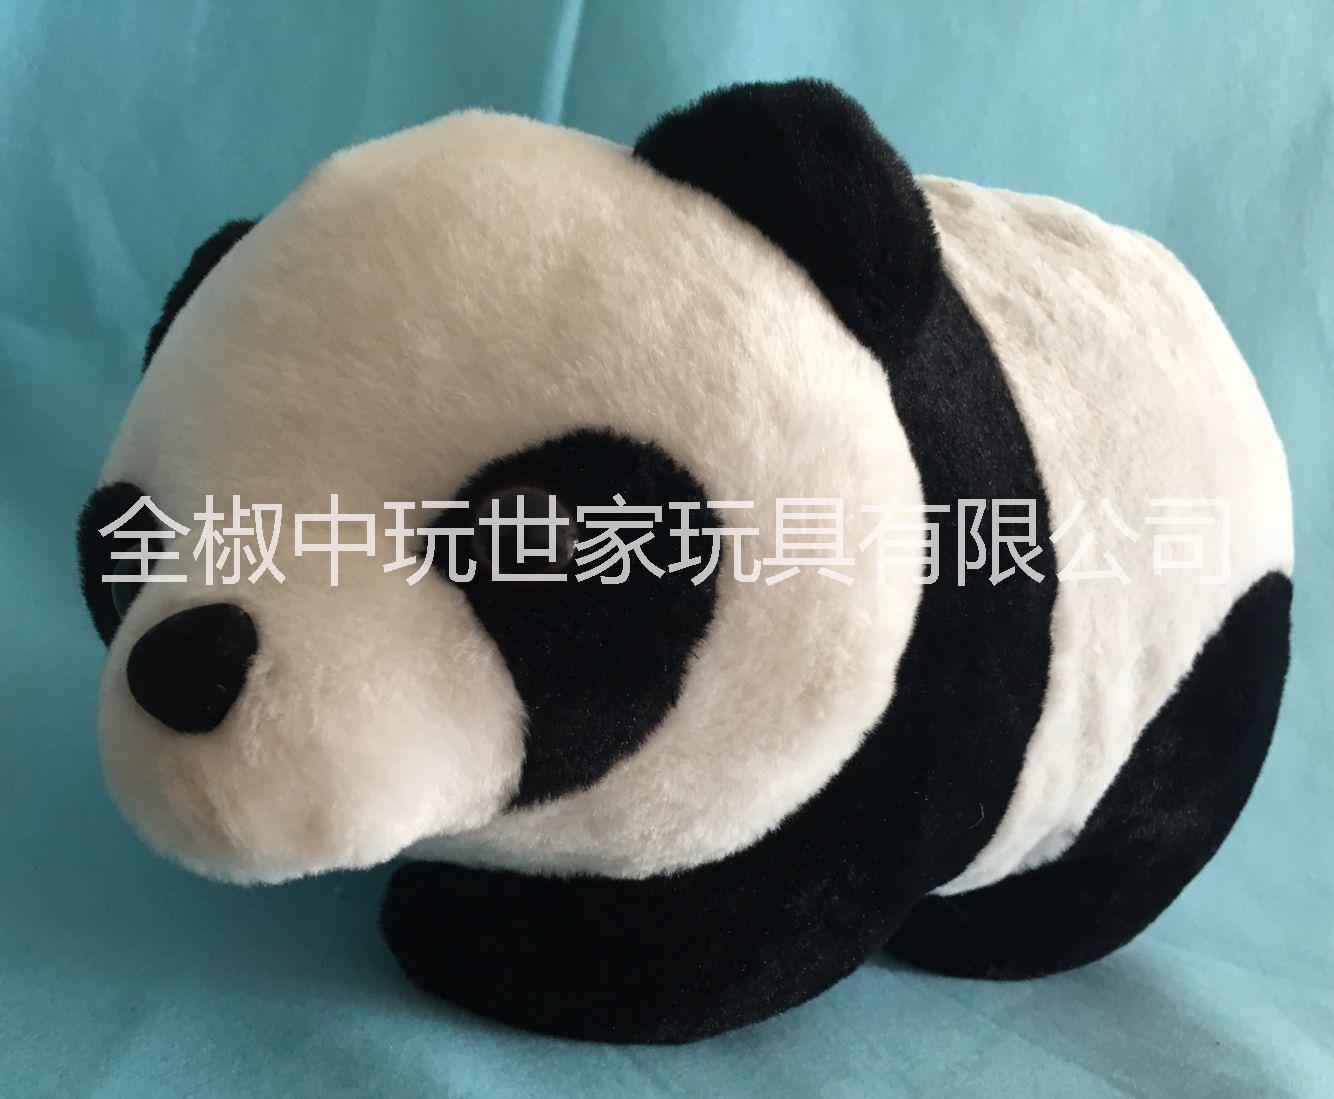 毛绒玩具加工  毛绒玩具加工熊猫